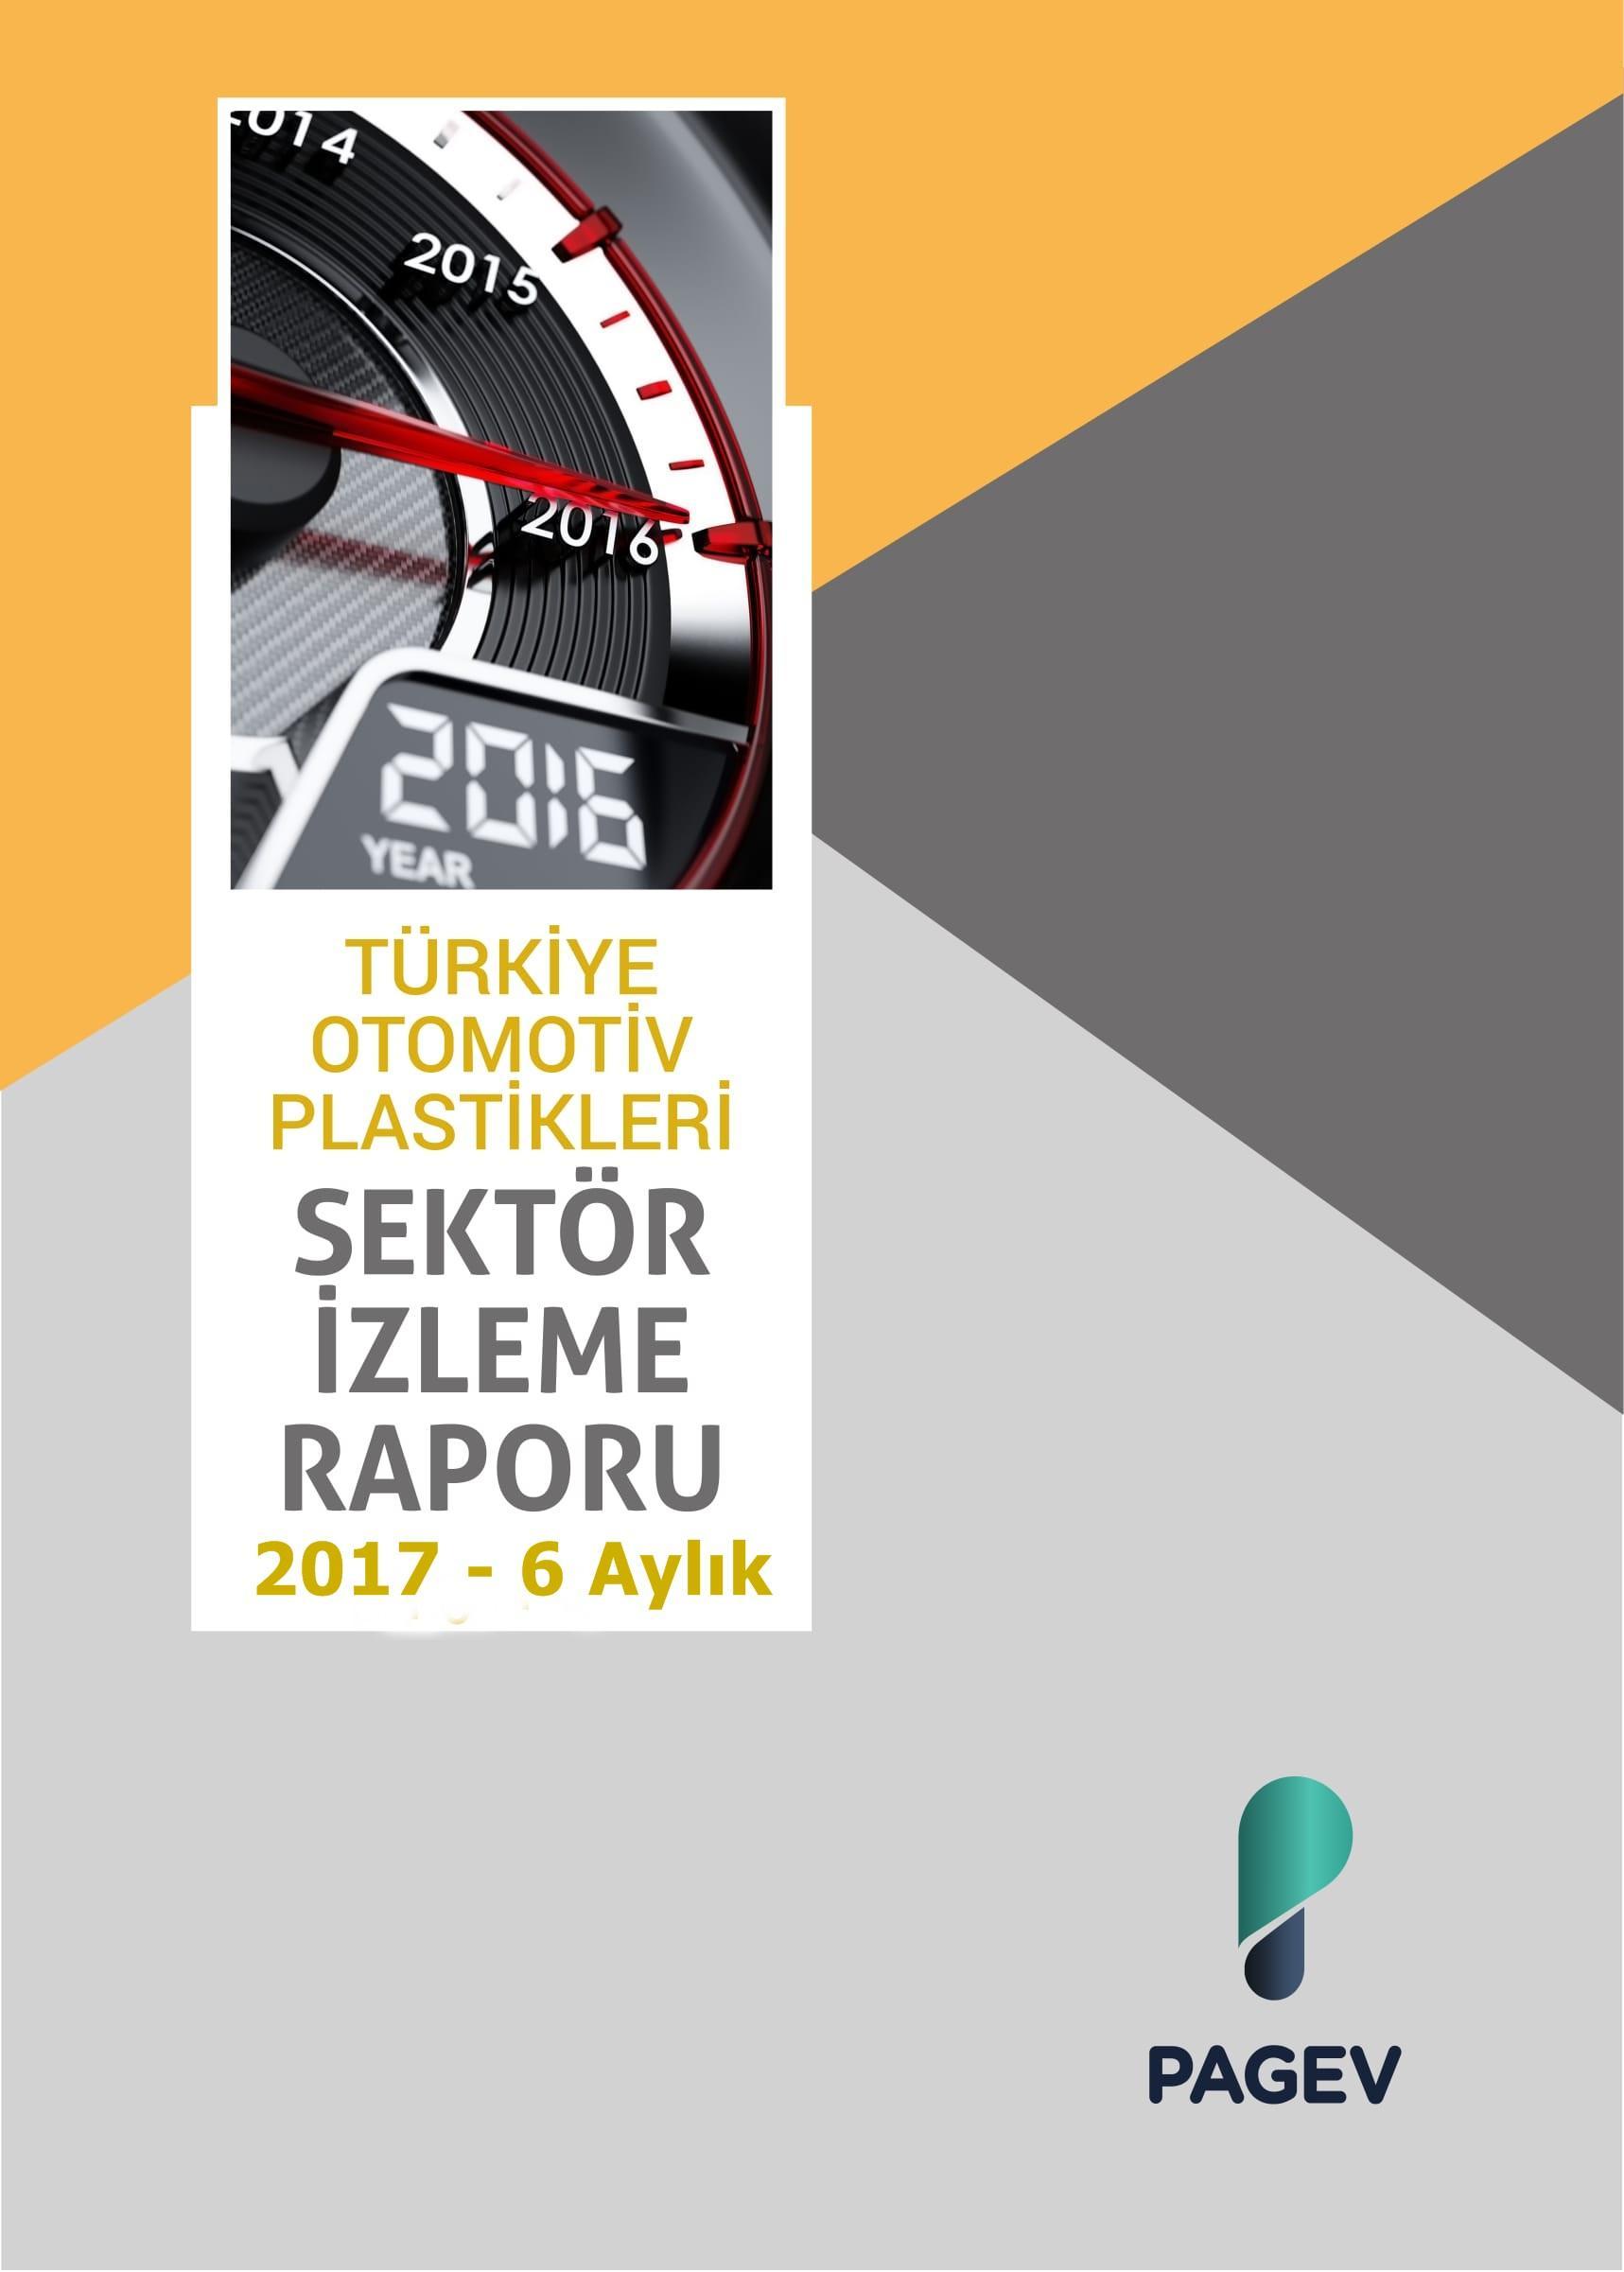 Türkiye Otomotiv Plastikleri Sektör İzleme Raporu 2017 - 6 Aylık